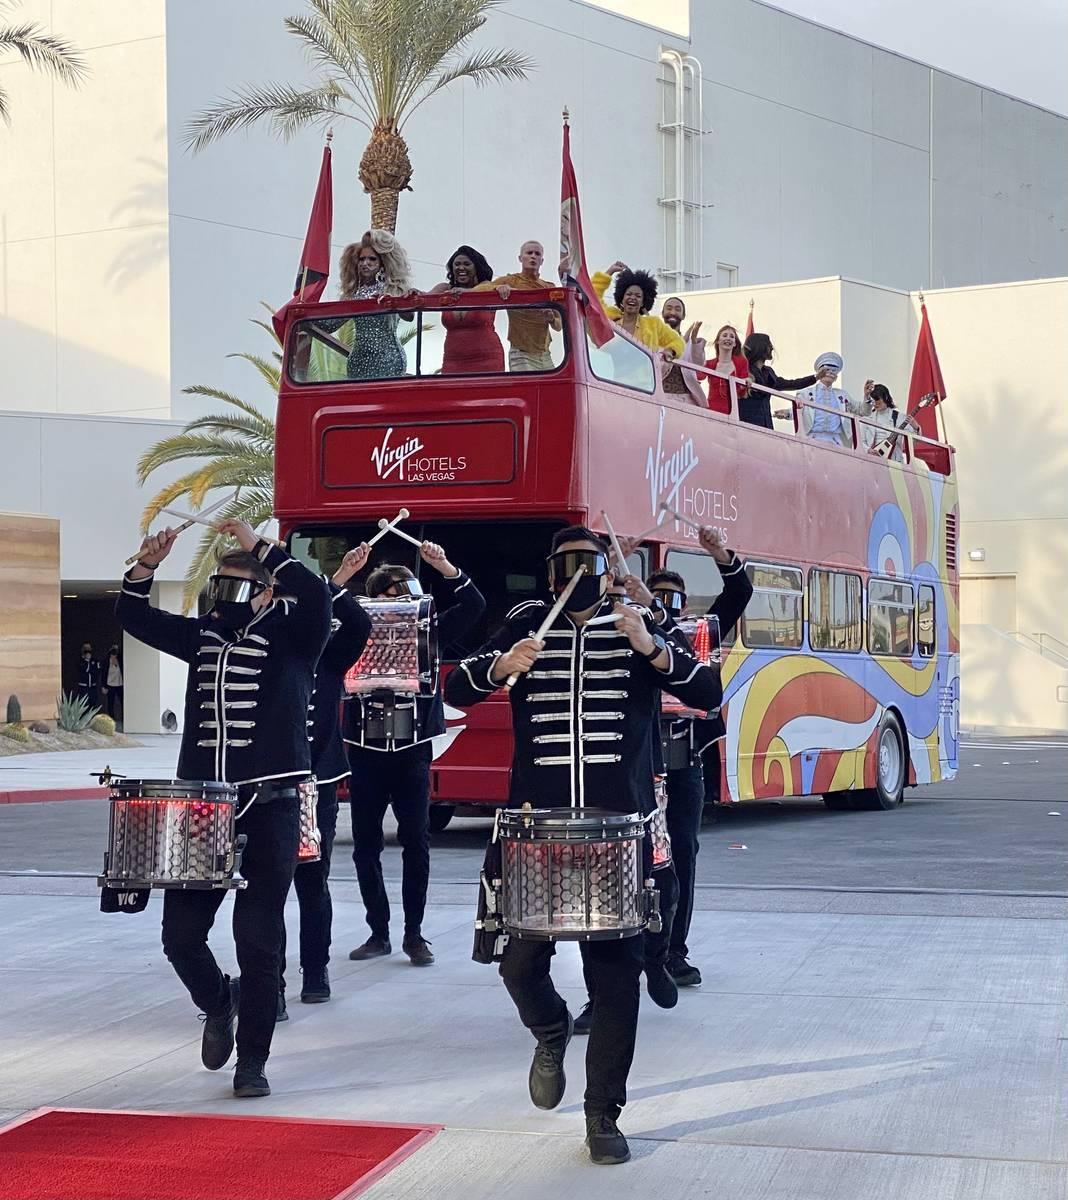 Tamborileros y bailarines llegan a la inauguración de Virgin Hotels Las Vegas el jueves, 25 de ...